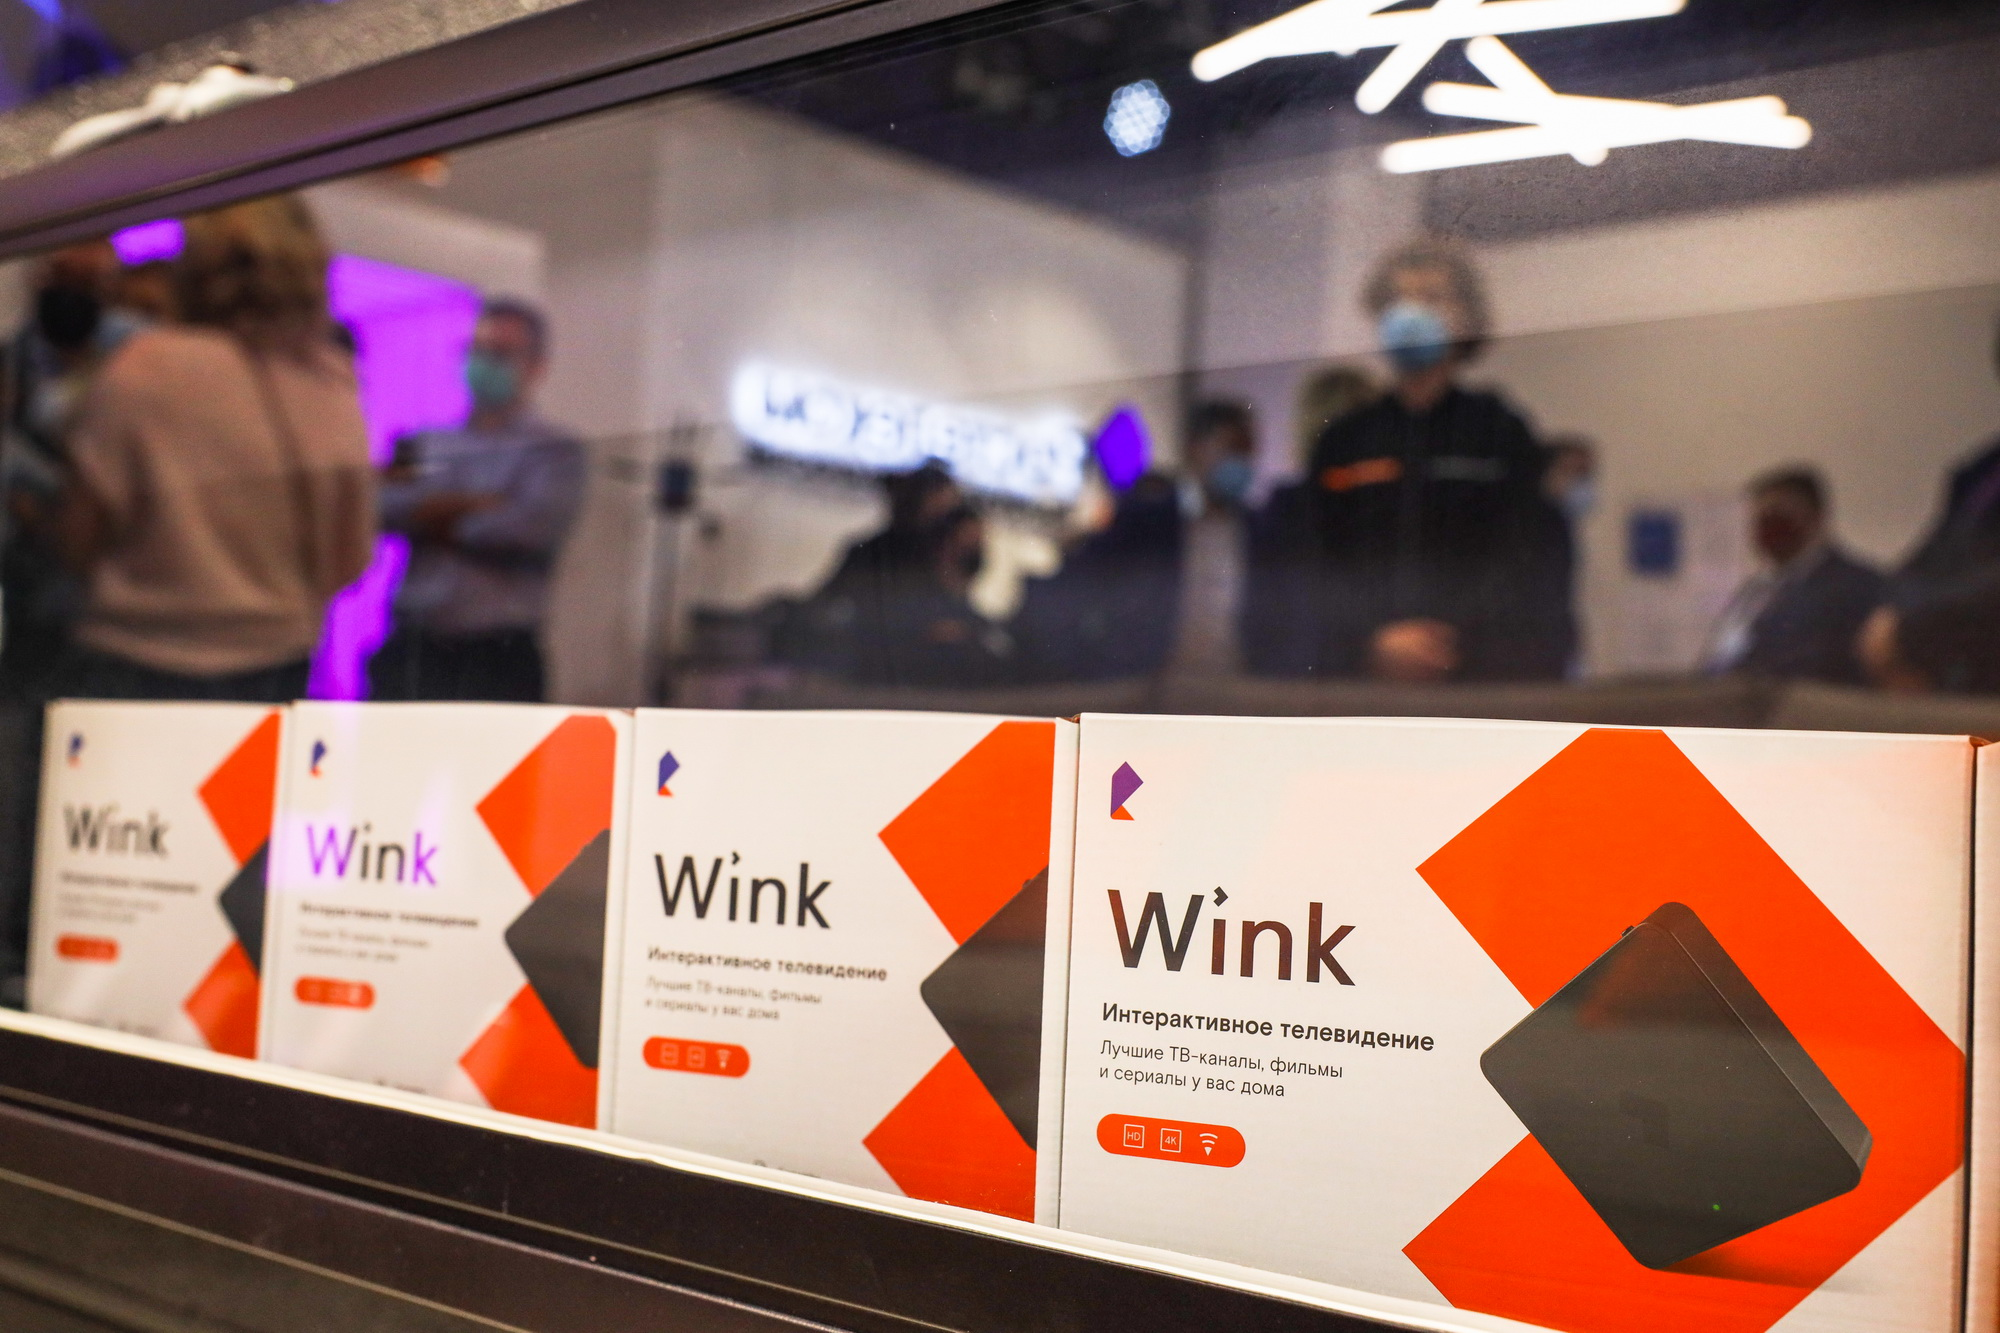 Как бесплатно смотреть все каналы Wink в Ростелекоме